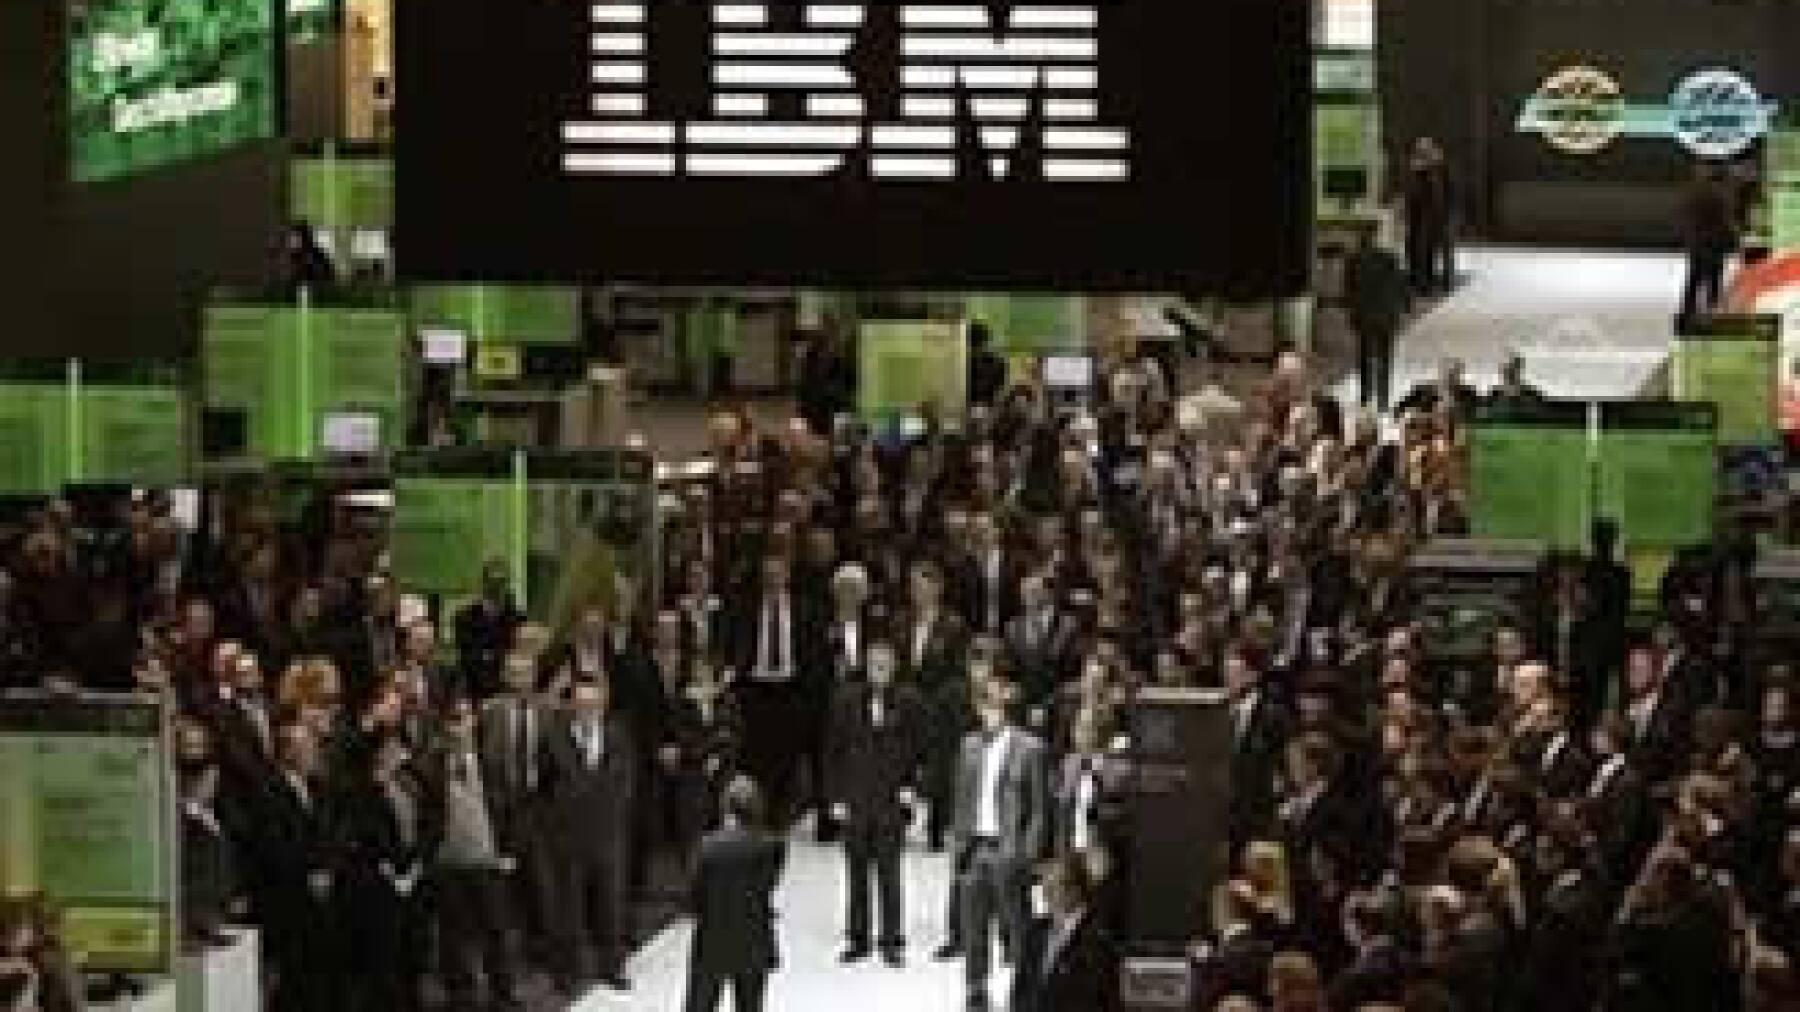 Tras revelar sus resultados, el valor de los papeles de IBM retrocedía. (Foto: Reuters)